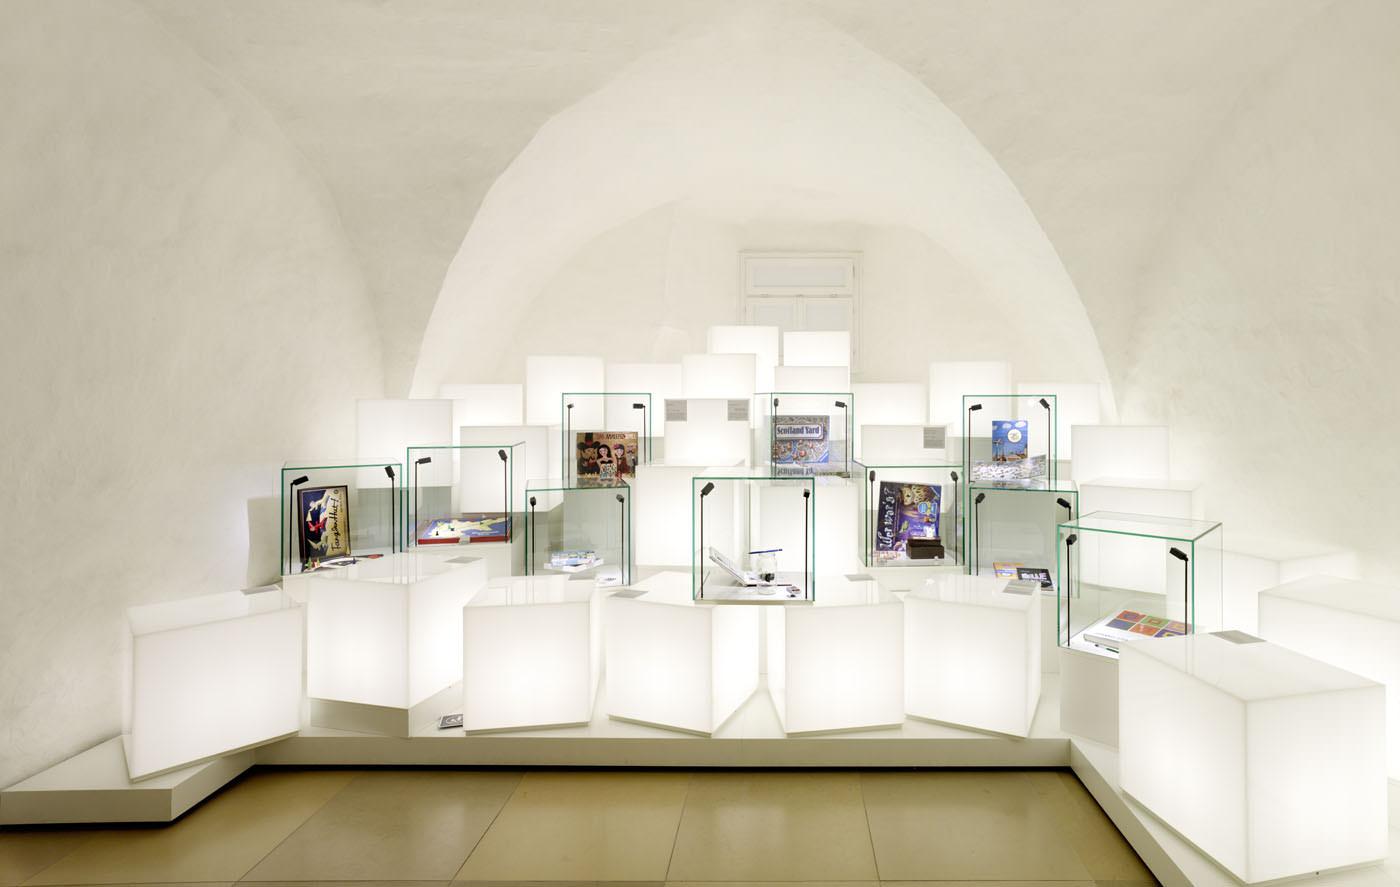 Erlebniswelten, Museenerlebniswelten, Museum Ravensburger, Schatzkammer, Agentur Ravensburger